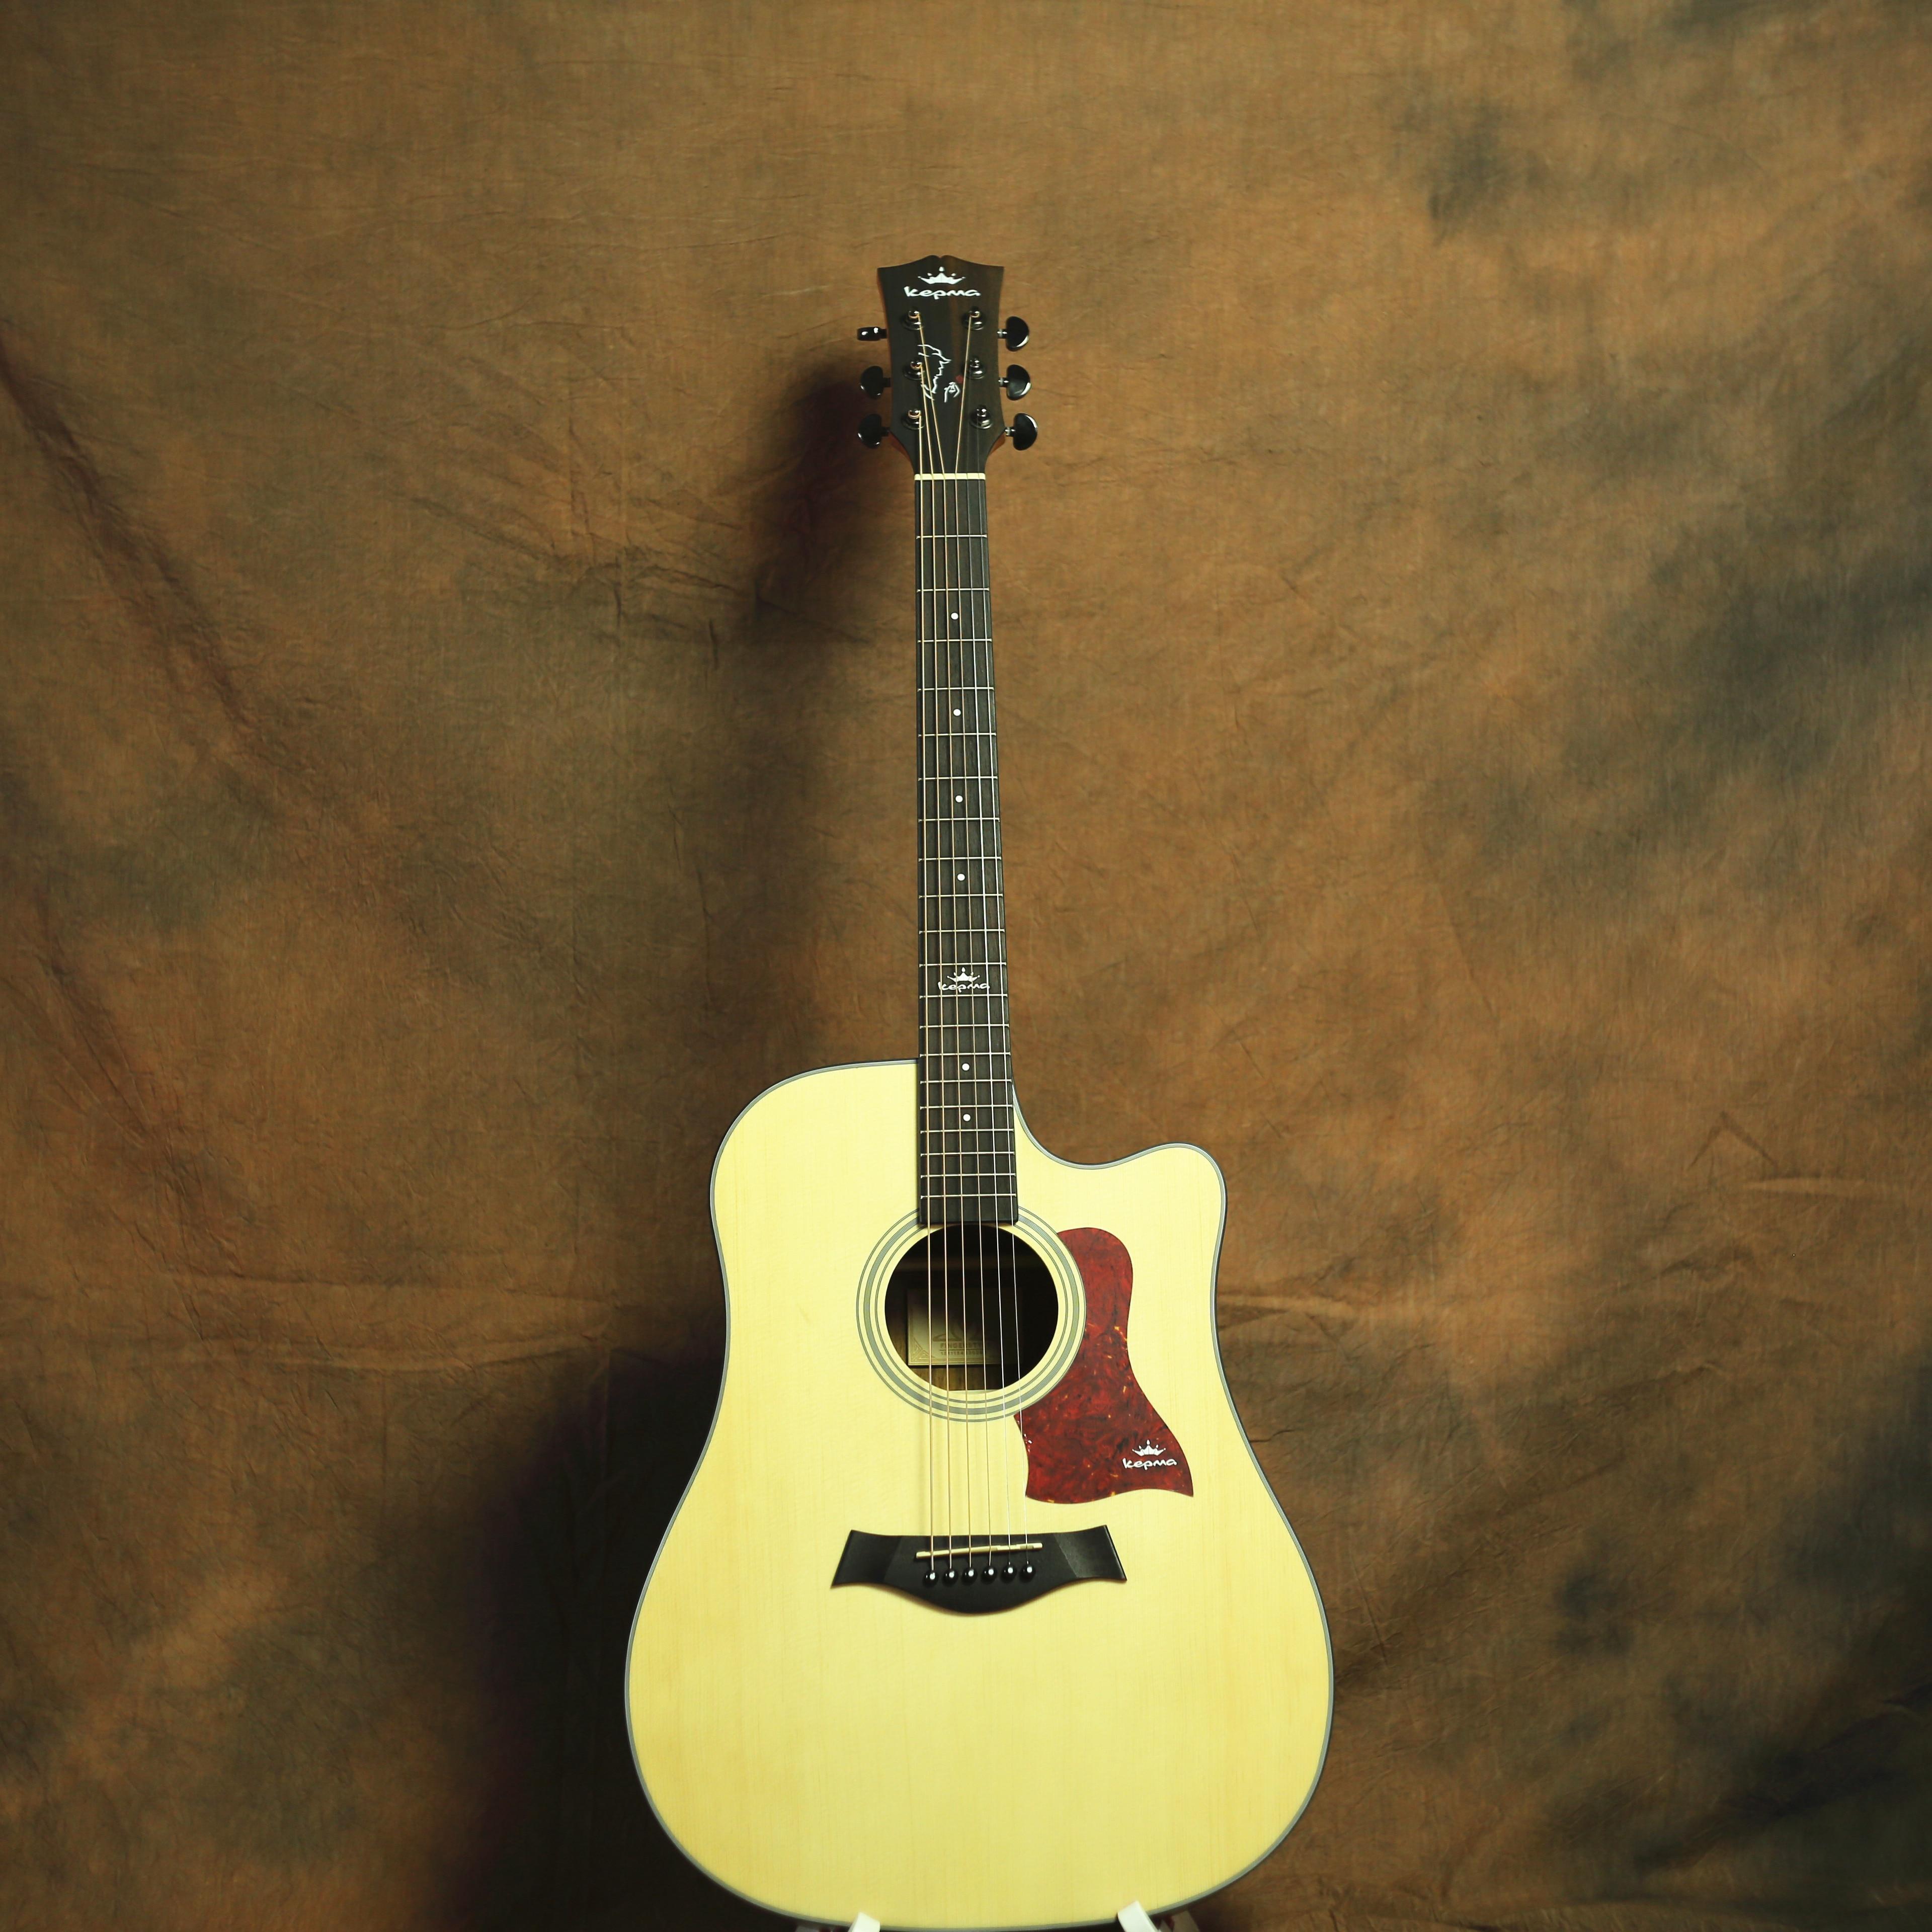 Learn wonderwall on acoustic guitar